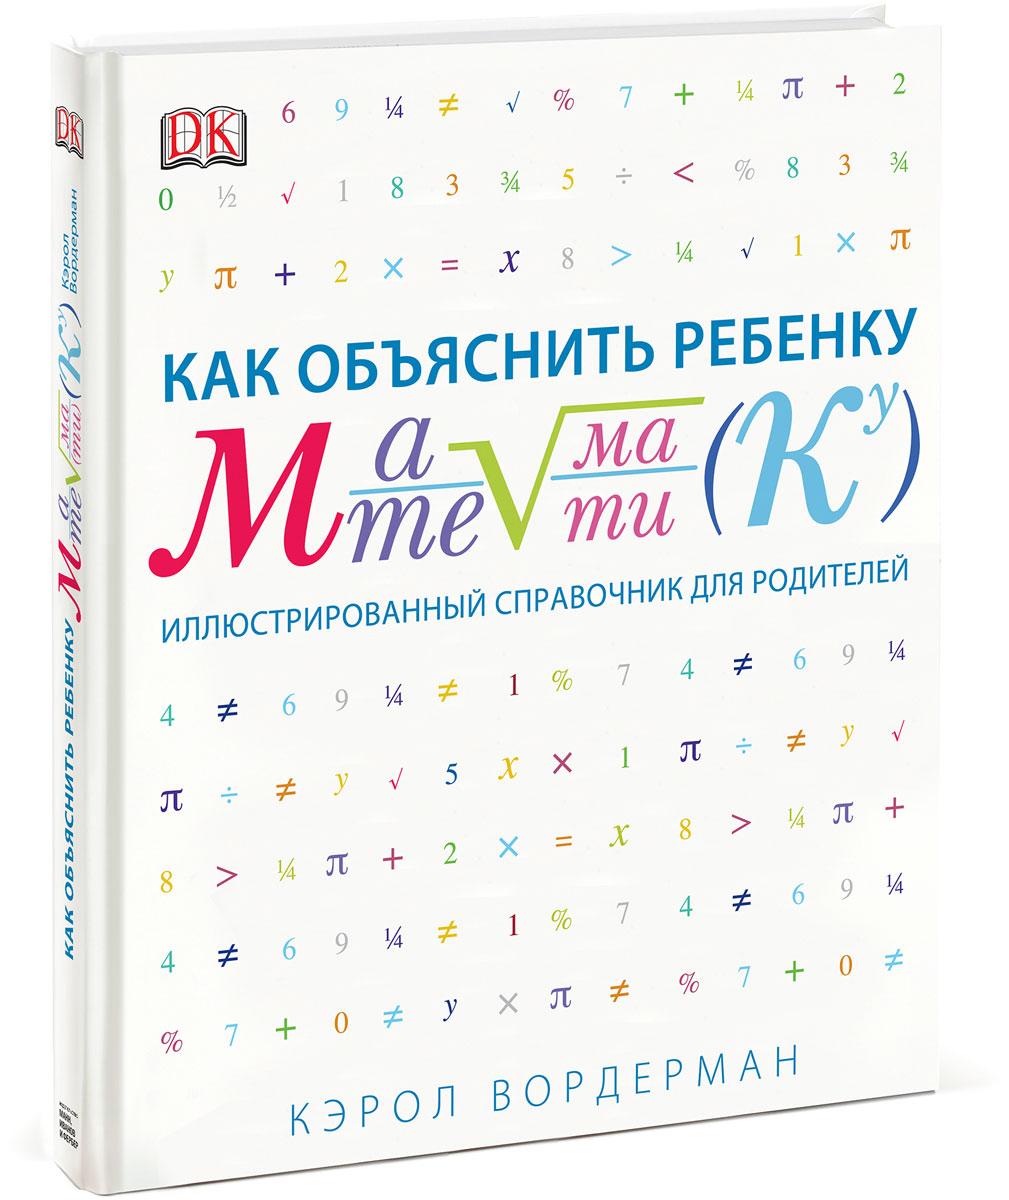 Как объяснить ребенку математику. Иллюстрированный справочник для родителей12296407О чем эта книга У вашего ребенка сложности с математикой? А вы не можете ему помочь с домашним заданием, потому что сами путаетесь в терминах и с трудом припоминаете, что проходили в школе? Если так, эта книга станет для вас отличным помощником. В ней доступно объясняются основные понятия арифметики, а также разбираются начальные темы геометрии, тригонометрии, алгебры, статистики и теории вероятности. Благодаря наглядным схемам, диаграммам и иллюстрациям, а также пошаговым решениям вы вместе с ребенком без проблем разберетесь с задачами, которые вызывают у него сложности. Фишки книги Каждый разворот посвящен одной теме: определенному понятию или математическому действию. Для каждой темы даны краткое теоретическое объяснение, основные формулы, примеры решения задач. Емкие объяснения, наглядные схемы, диаграммы и иллюстрации помогают легко разобраться в материале. Для кого эта книга Для родителей, которые хотят освежить в памяти...